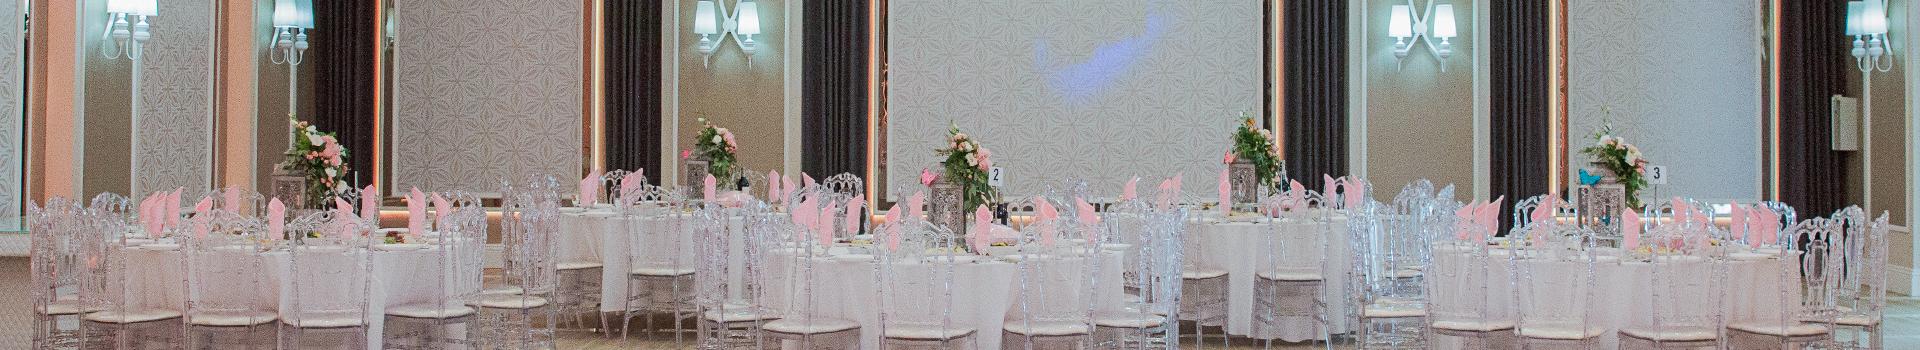 Avanti Banquet Hall - Contact